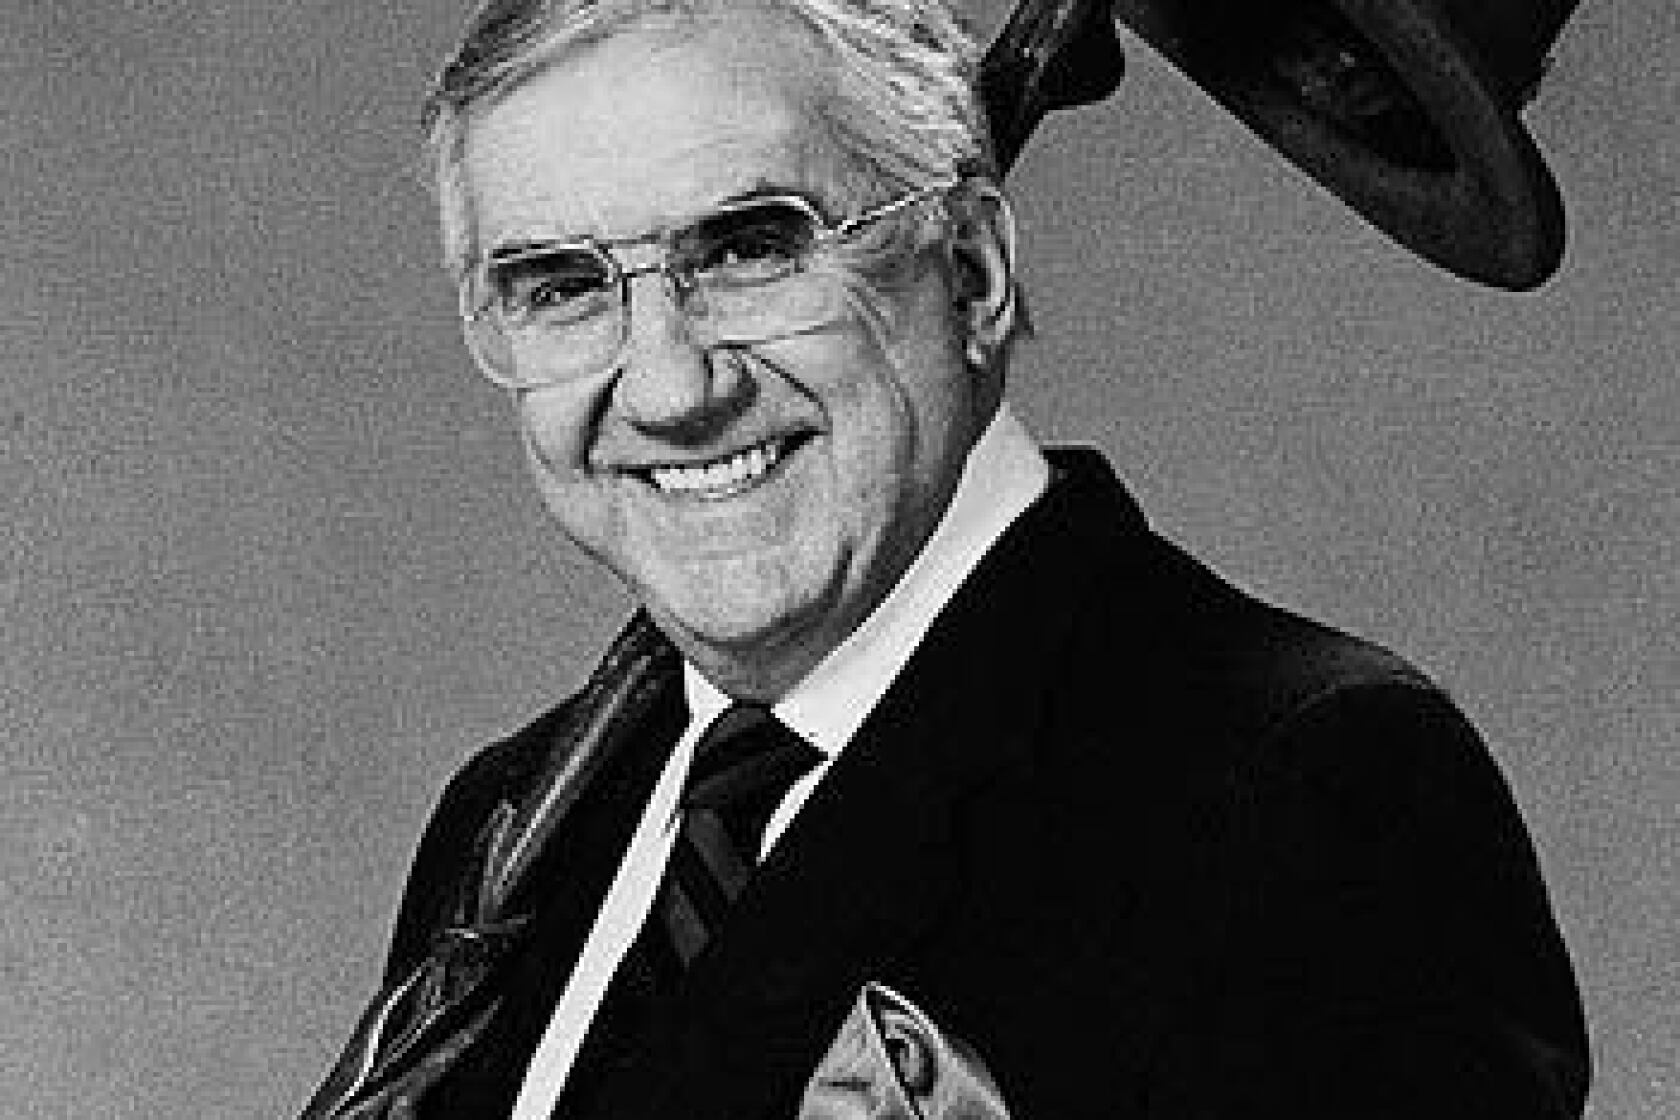 Ed McMahon dies at 86